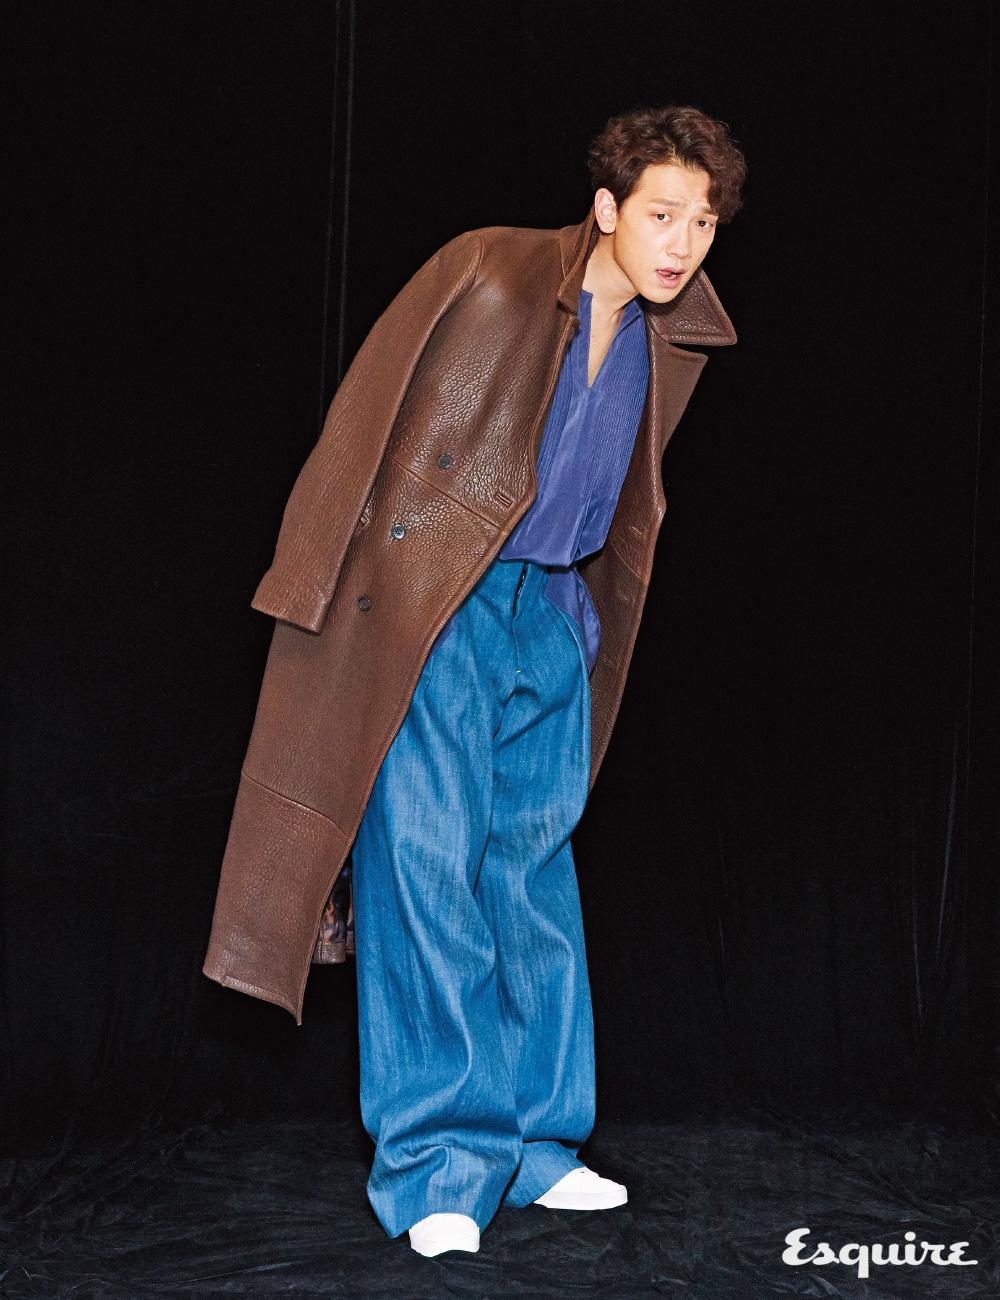 가죽 코트, 실크 셔츠 모두 김서룡. 청바지 뮌. 운동화 골든 구스 디럭스 브랜드.